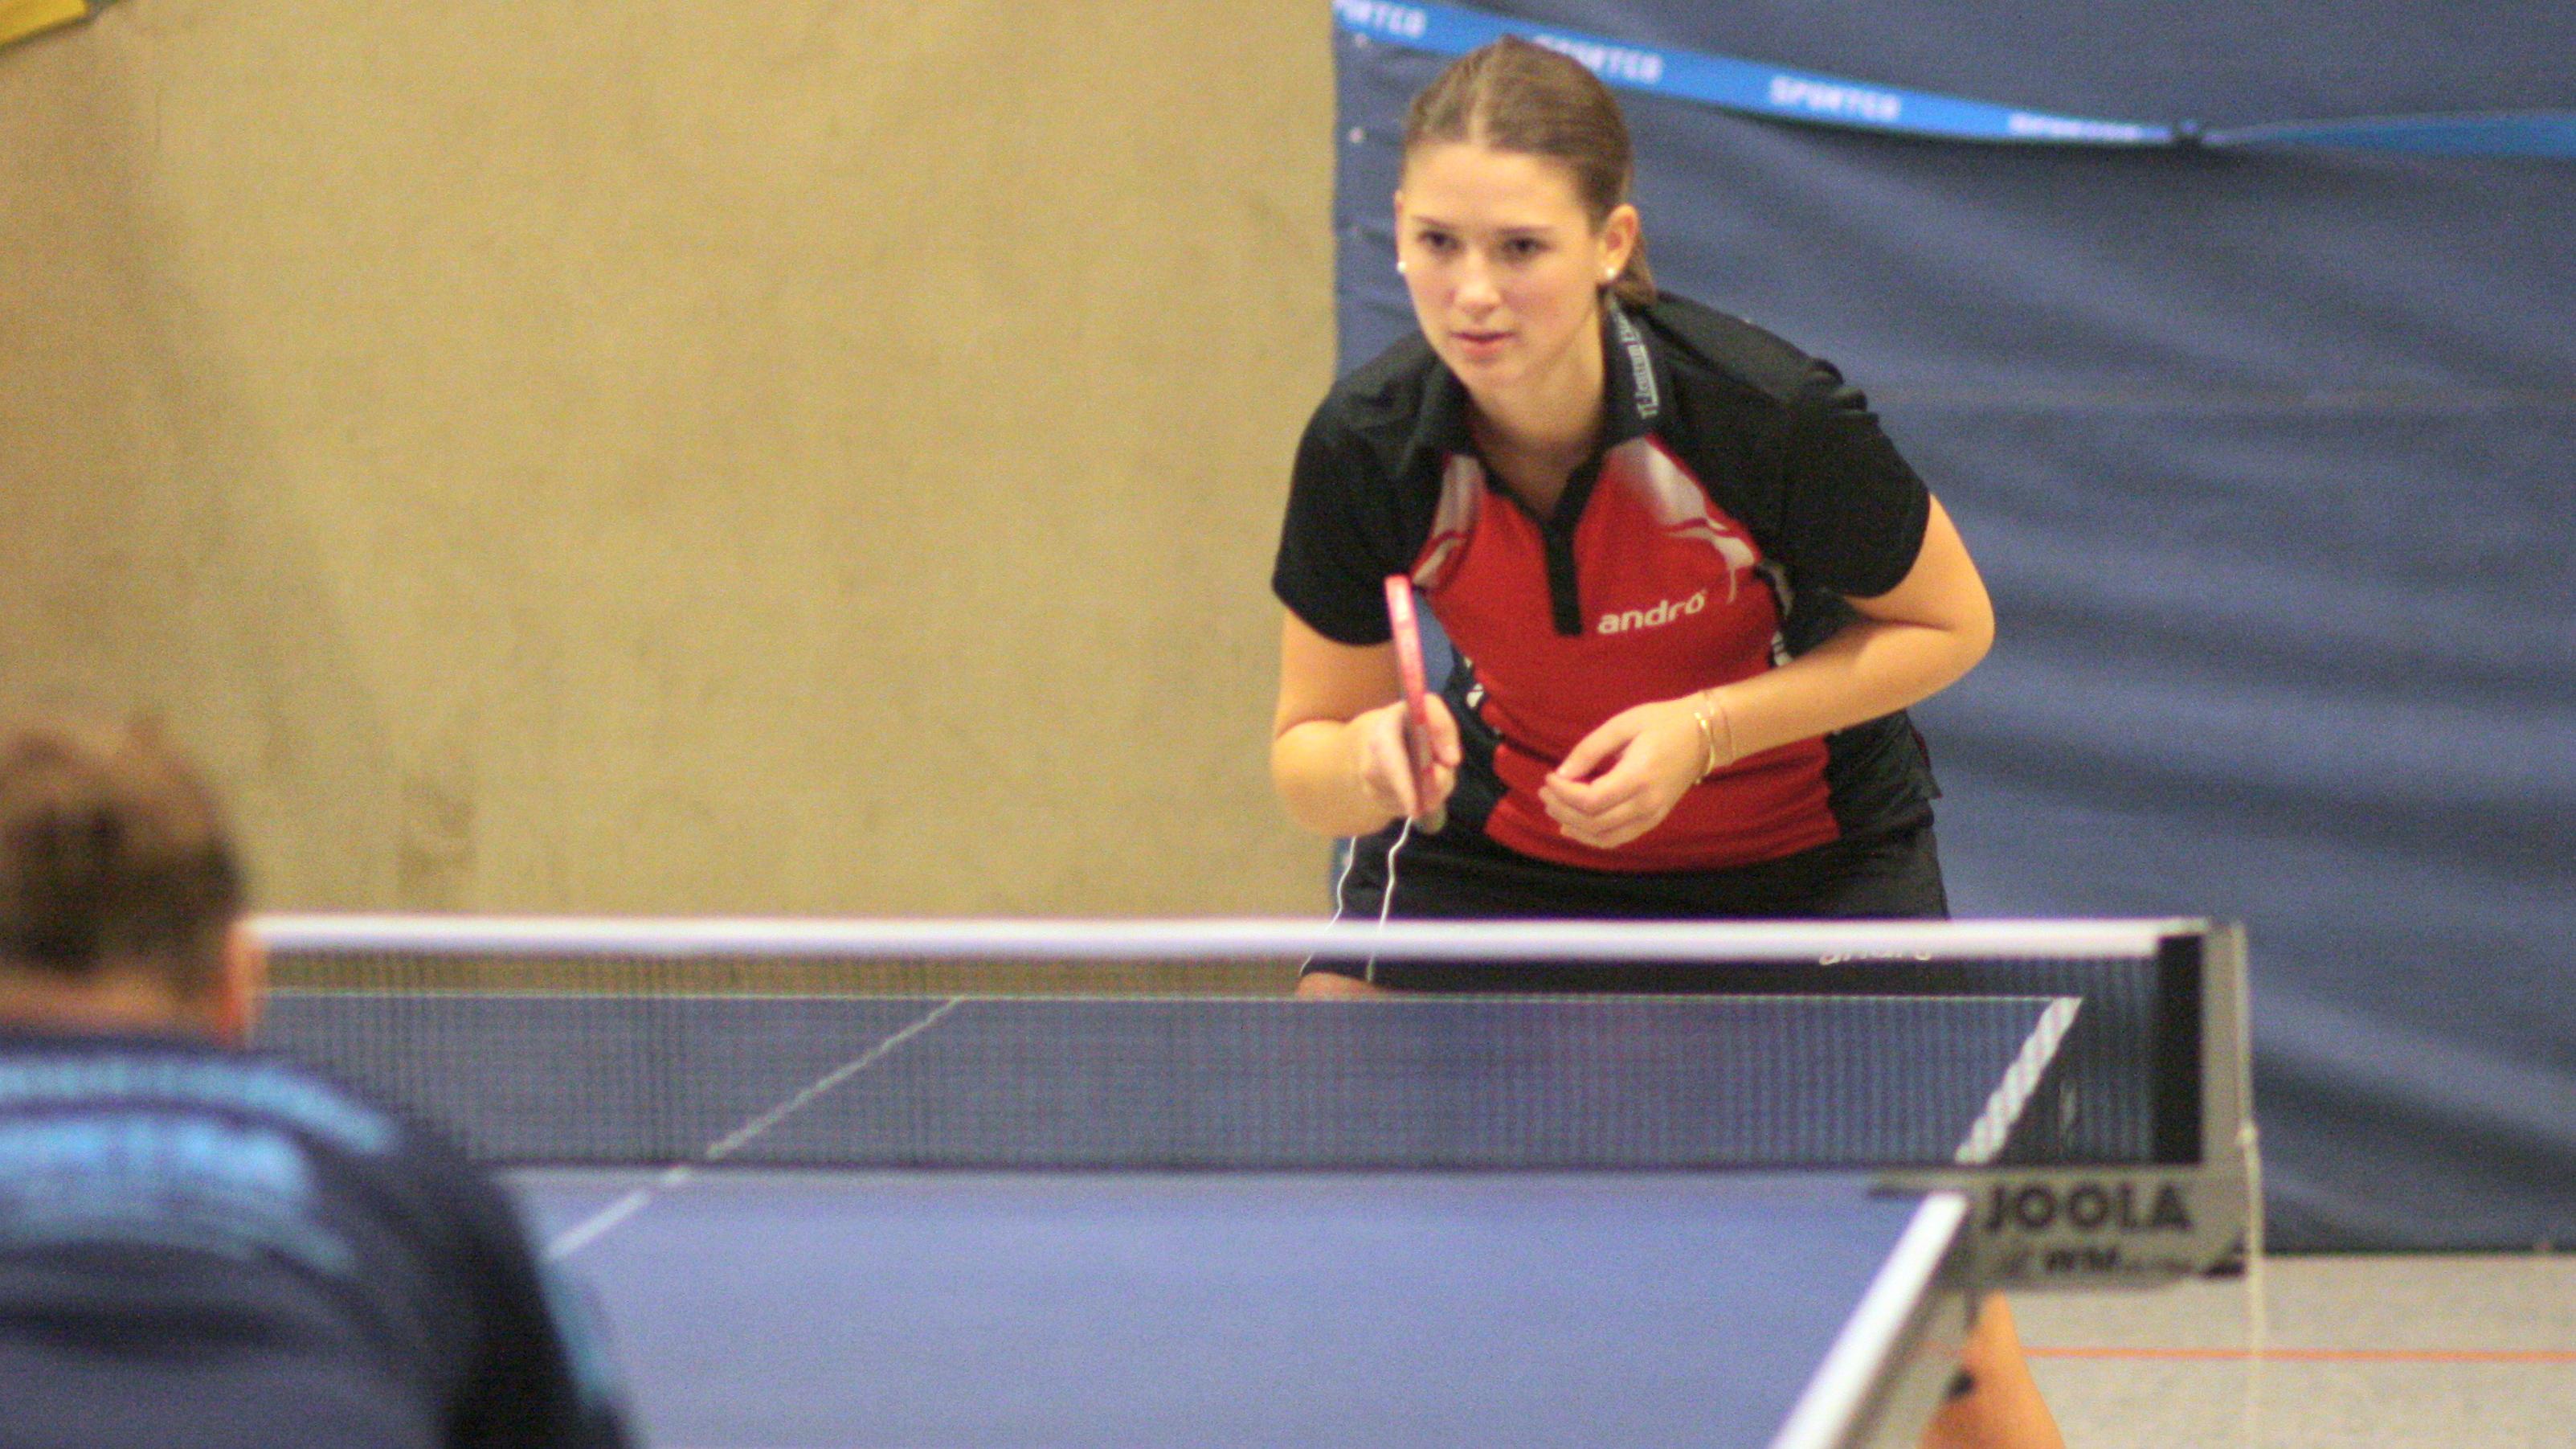 Alina im Spiel gegen Stahnsdorf II